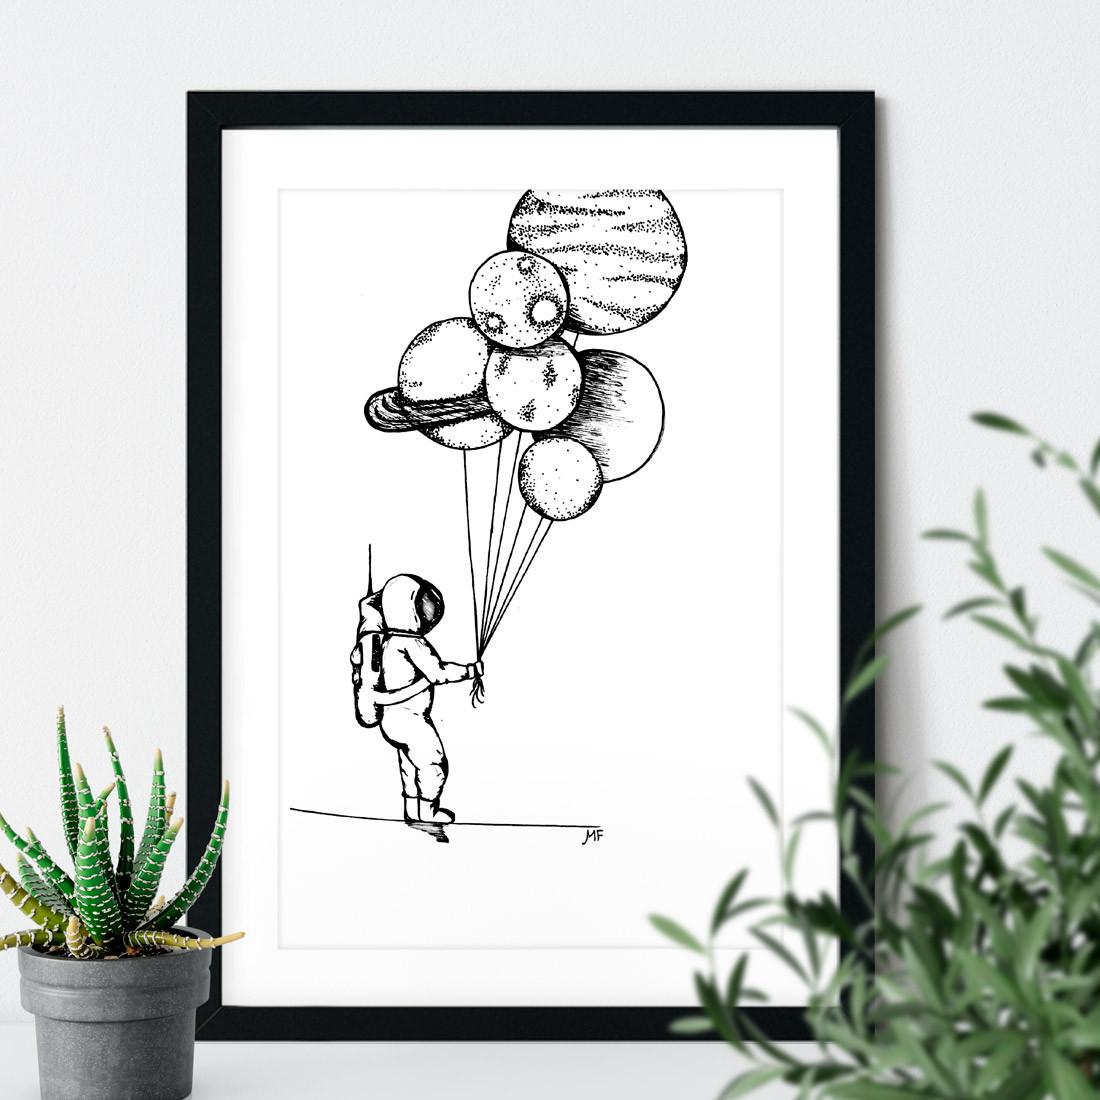 Quadro Decorativo Astronauta Planetas Balões